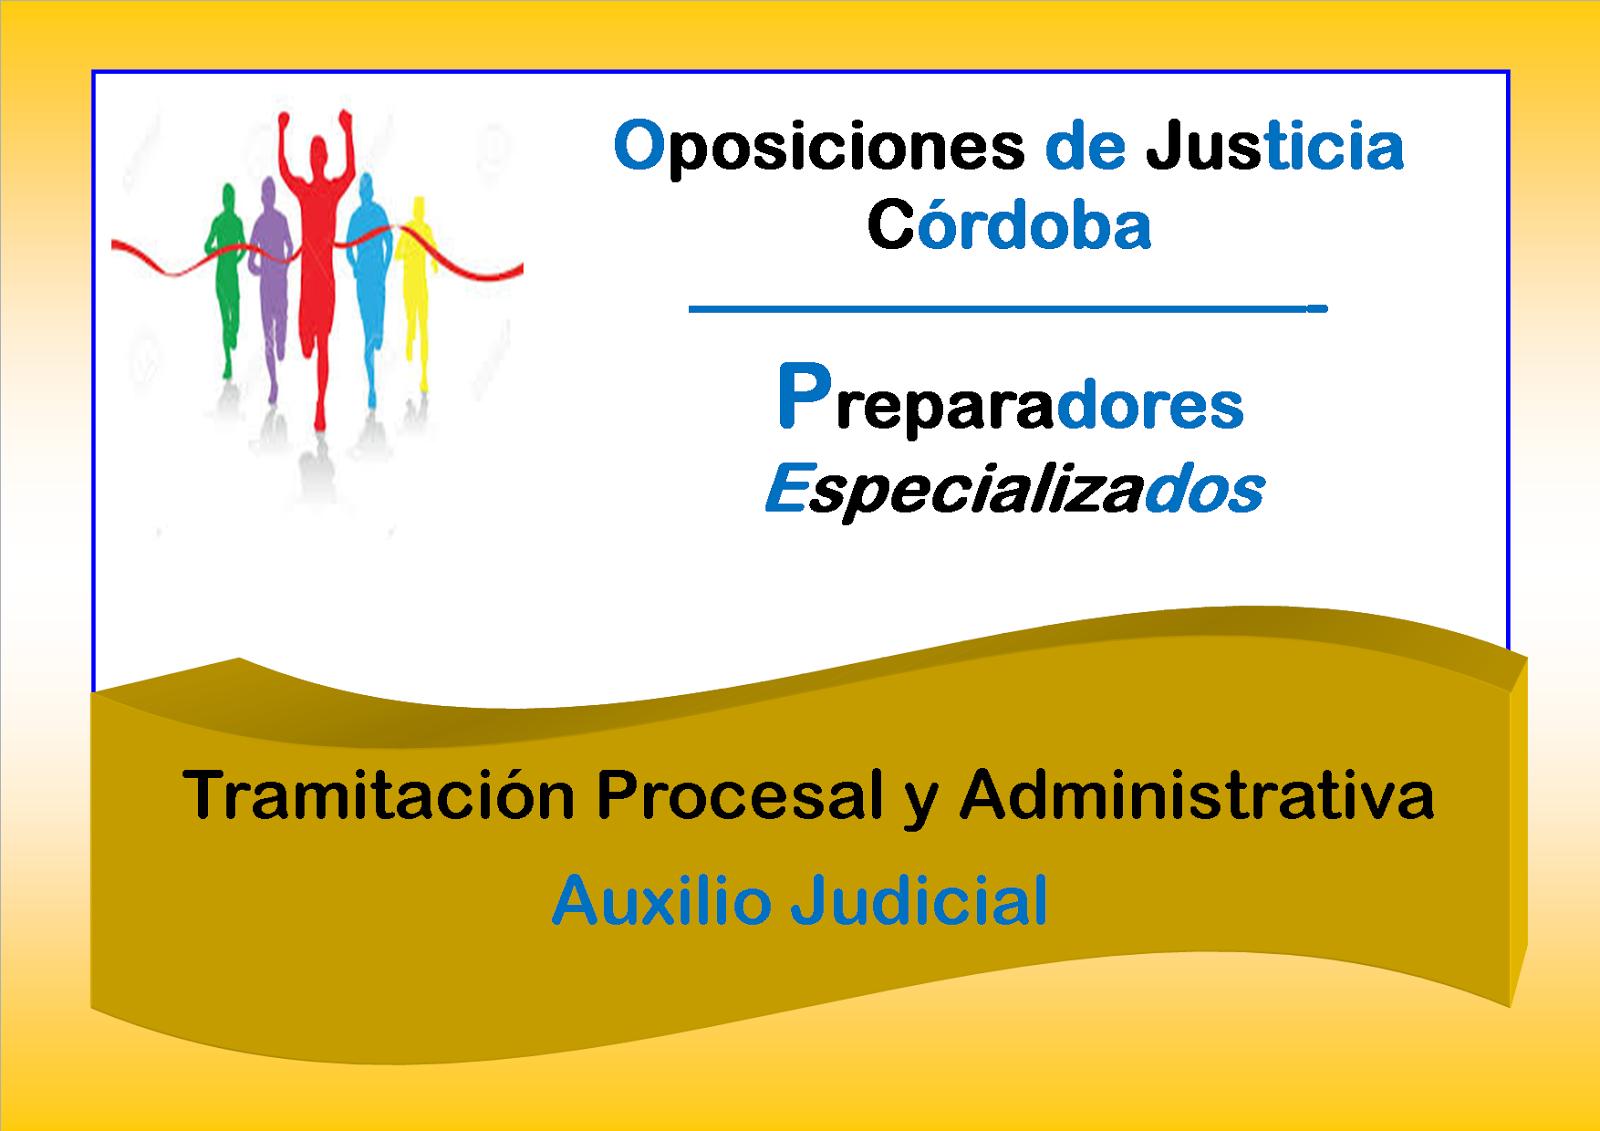 CONVENIO USO-ALYMA FORMACION ESPECIALISTAS OPOSICIONES JUSTICIA CORDOBA